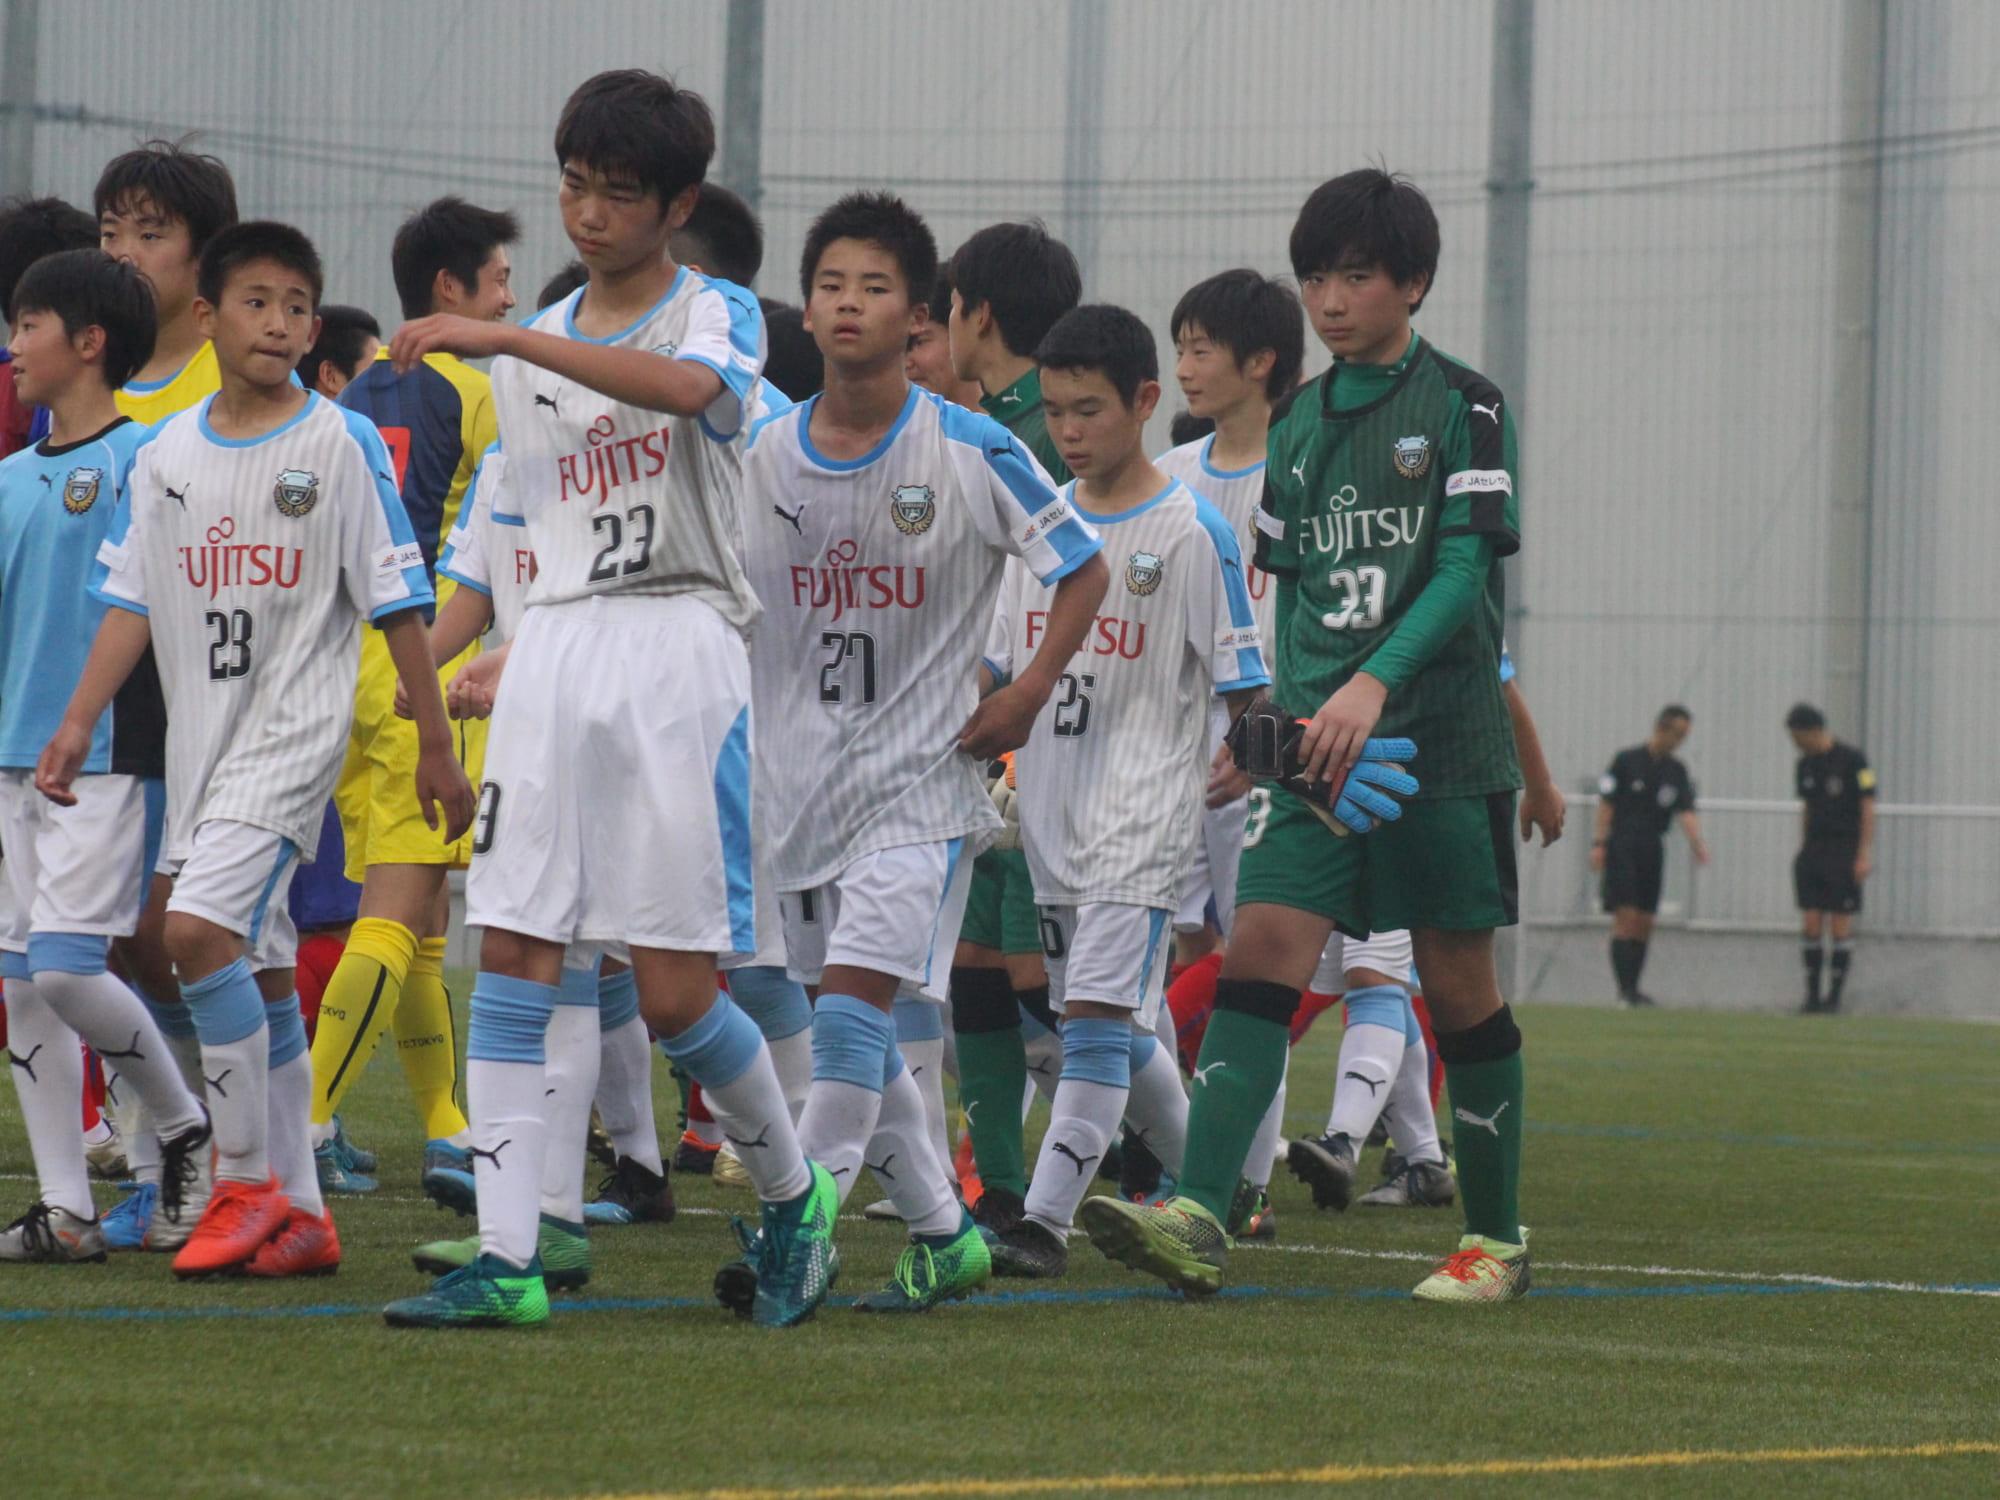 フロンターレU15 - FC東京深川 / メトロポリタンリーグ - 川崎 ...